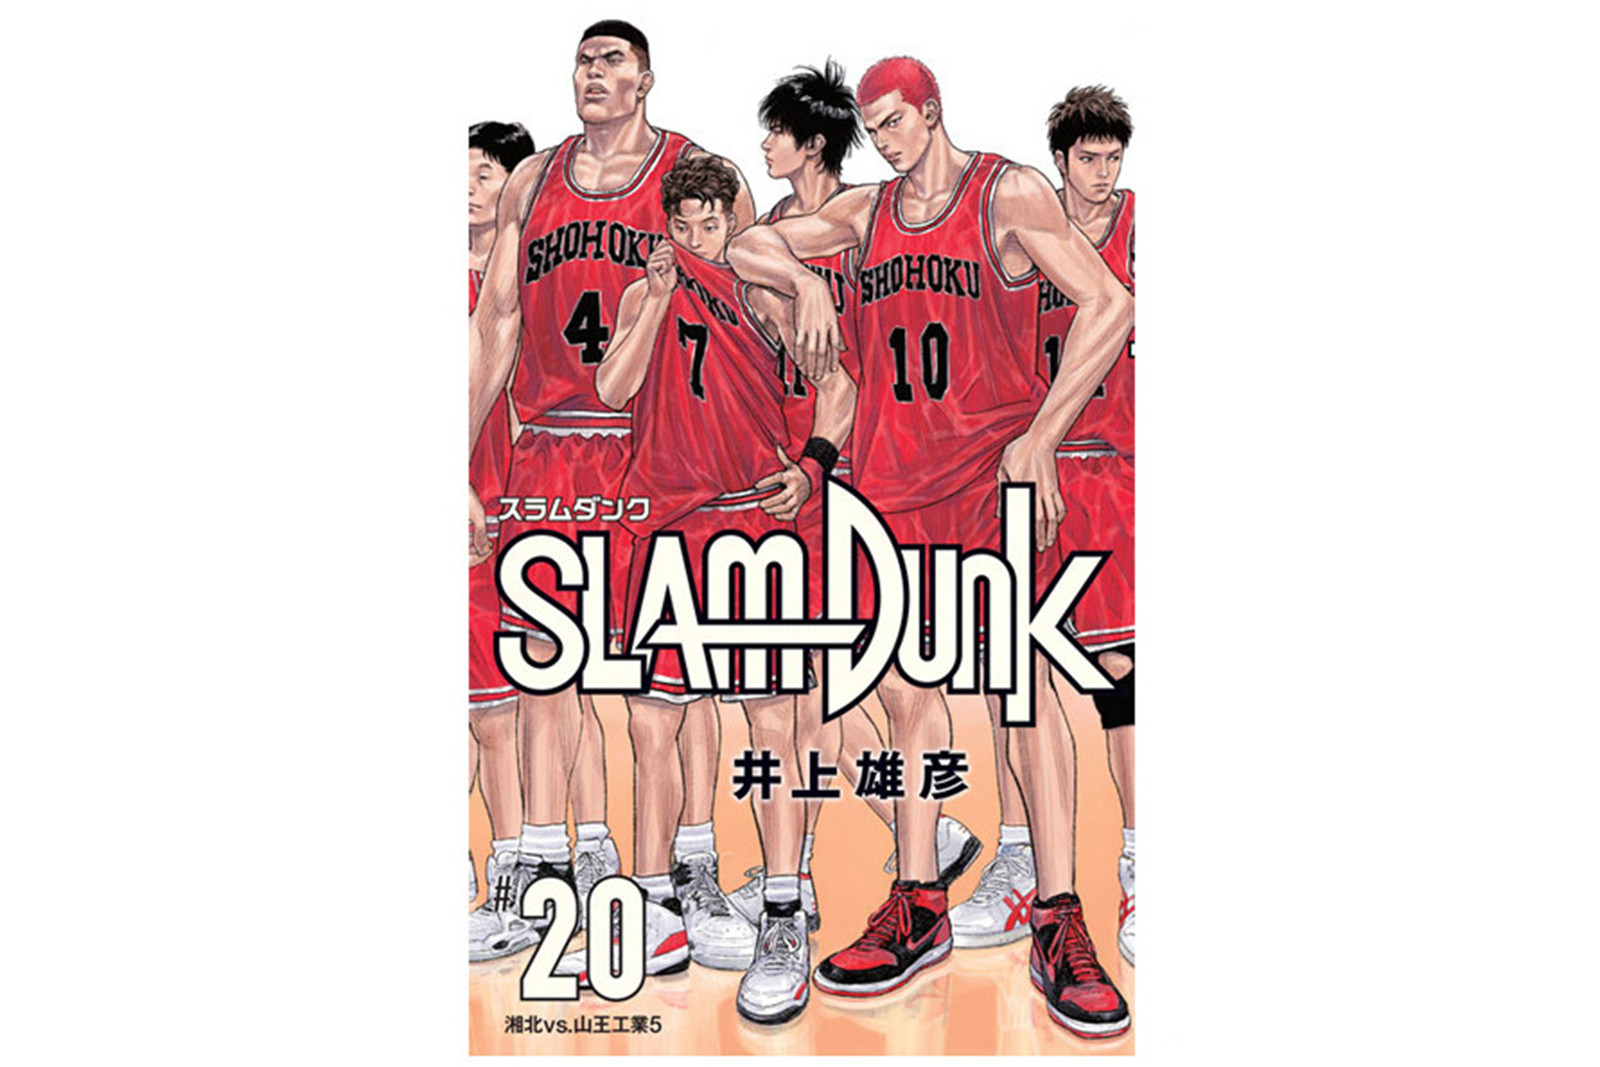 見逃したくない今週のリリースアイテム 7 選(2018|8/27~9/2) 『SLAM DUNK』新装再編版の最終章や〈Supreme〉x〈Nike SB〉がスタンバイ完了 HYPEBEAST ハイプビースト